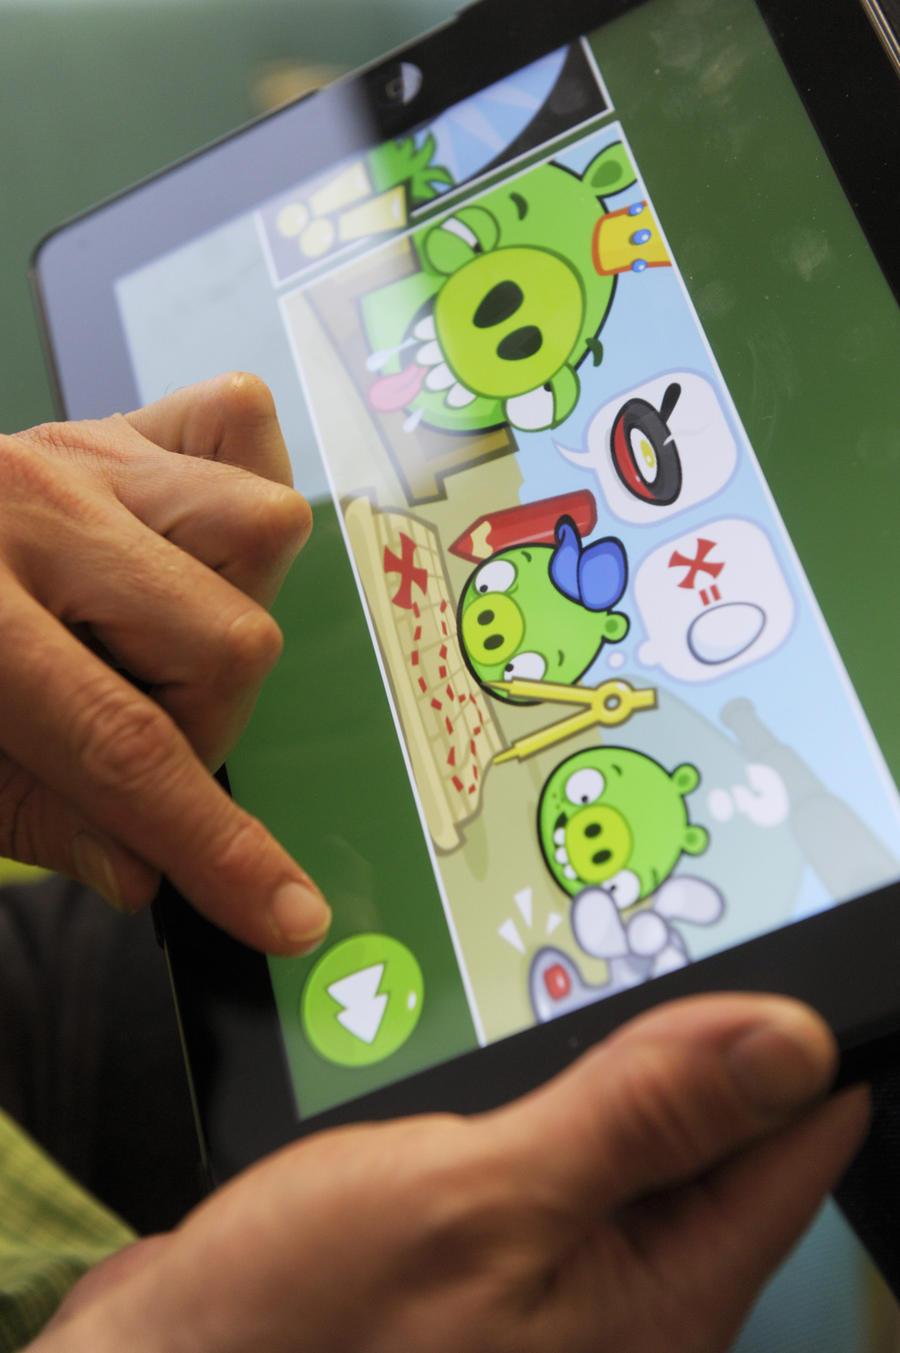 С помощью популярной игры Angry Birds АНБ США могло получать информацию о пользователях смартфонов